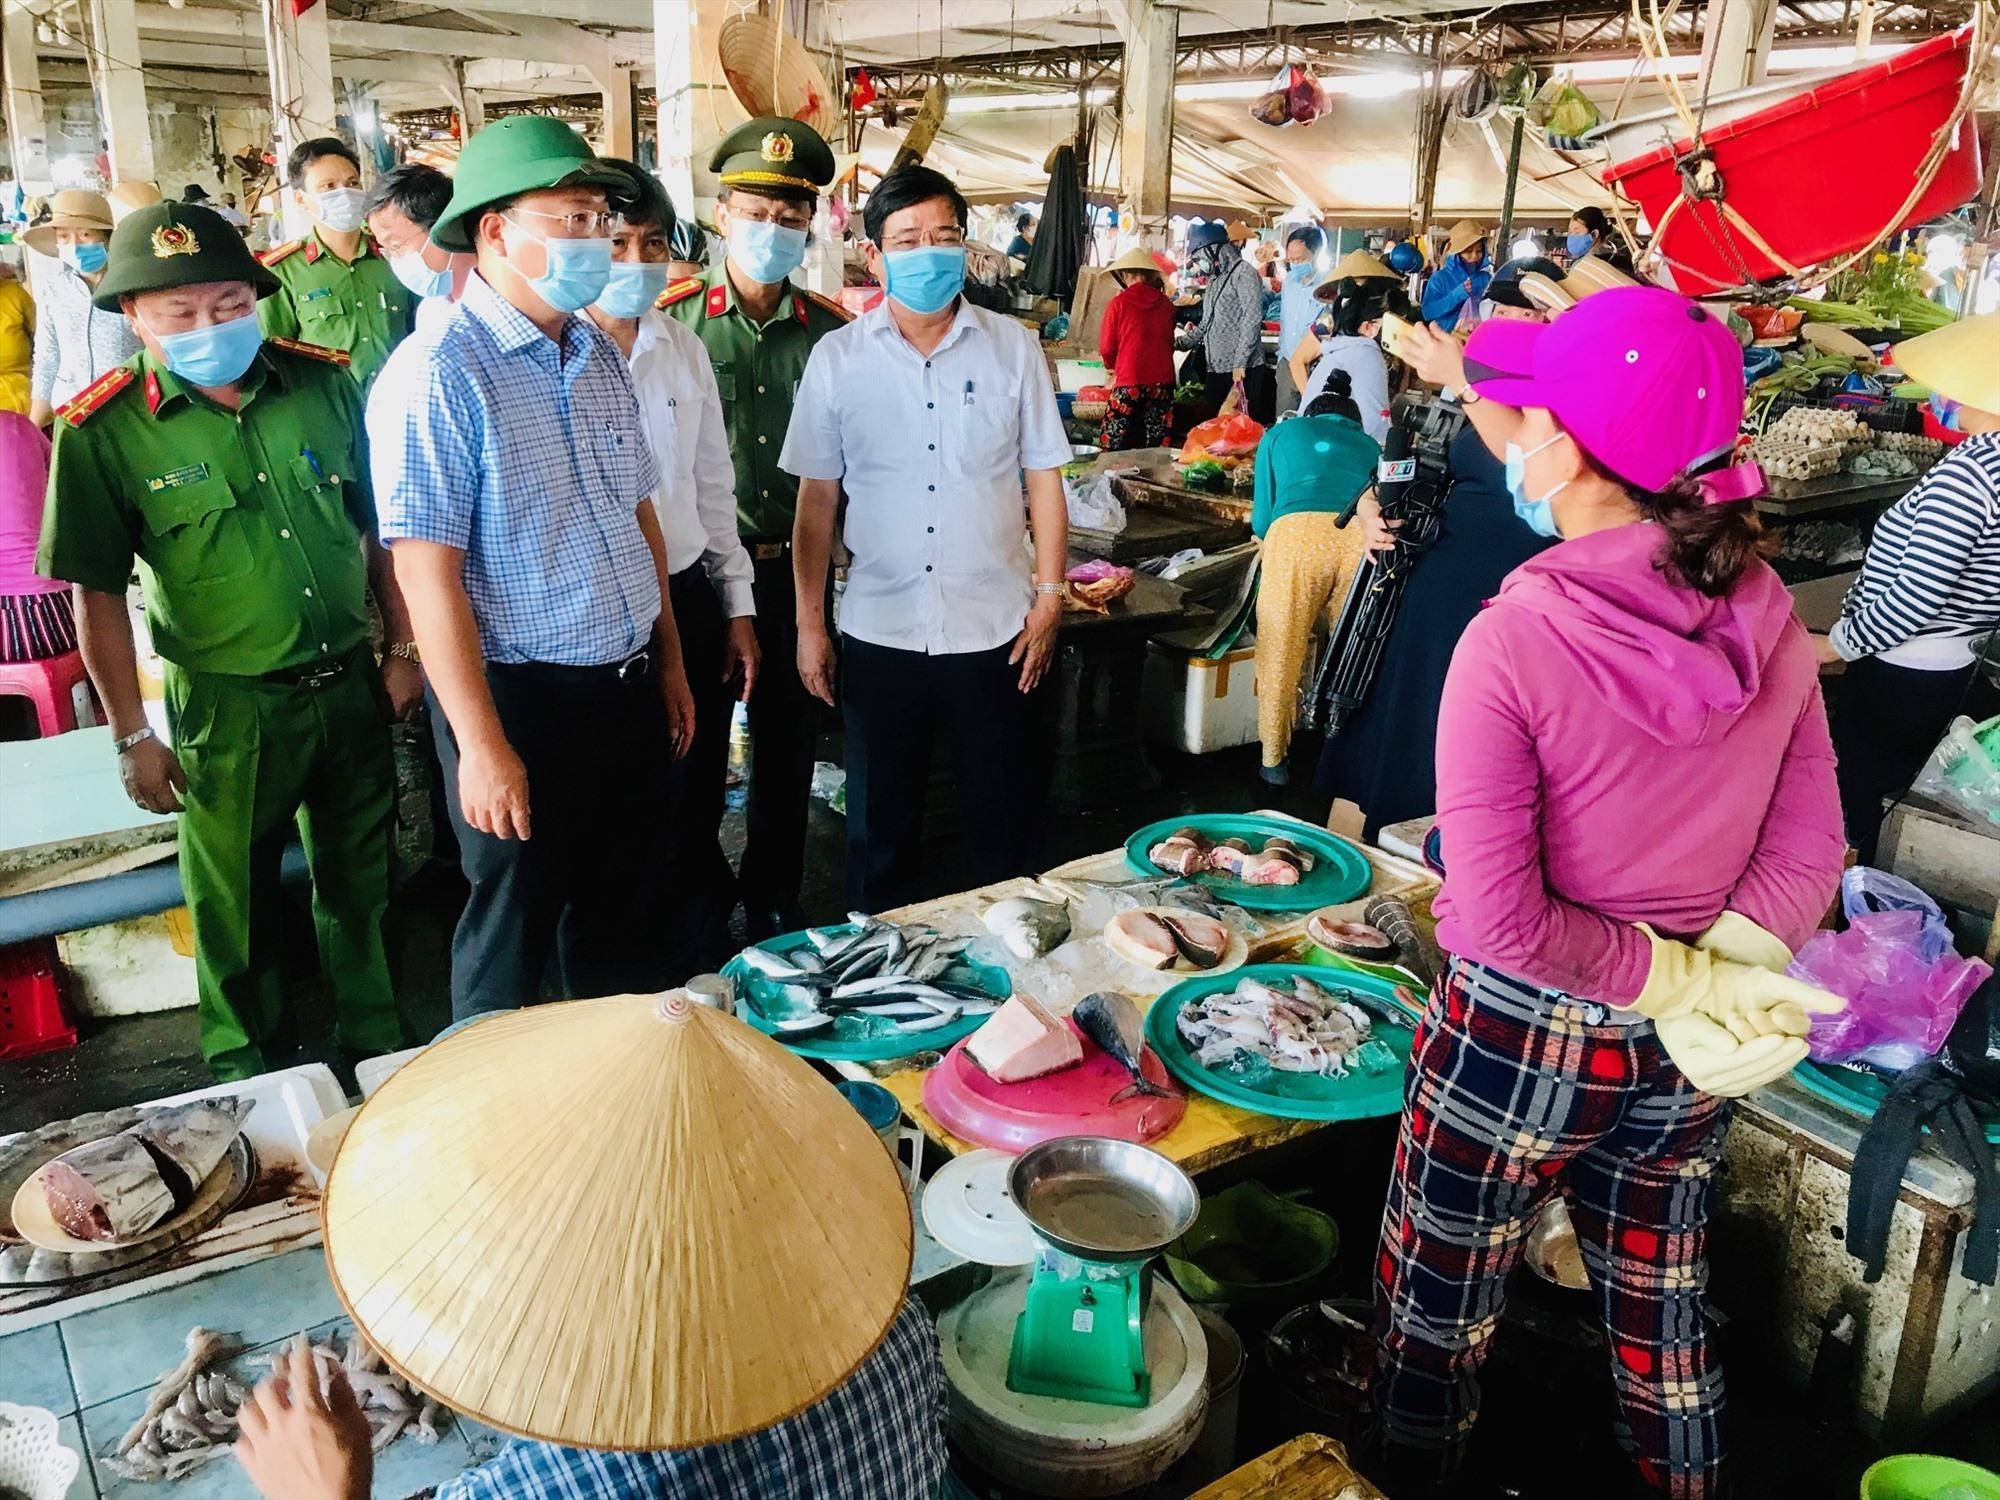 Đồng chí Lê Trí Thanh khảo sát công tác phòng chống dịch tại chợ Hội An. Ảnh: Q.T